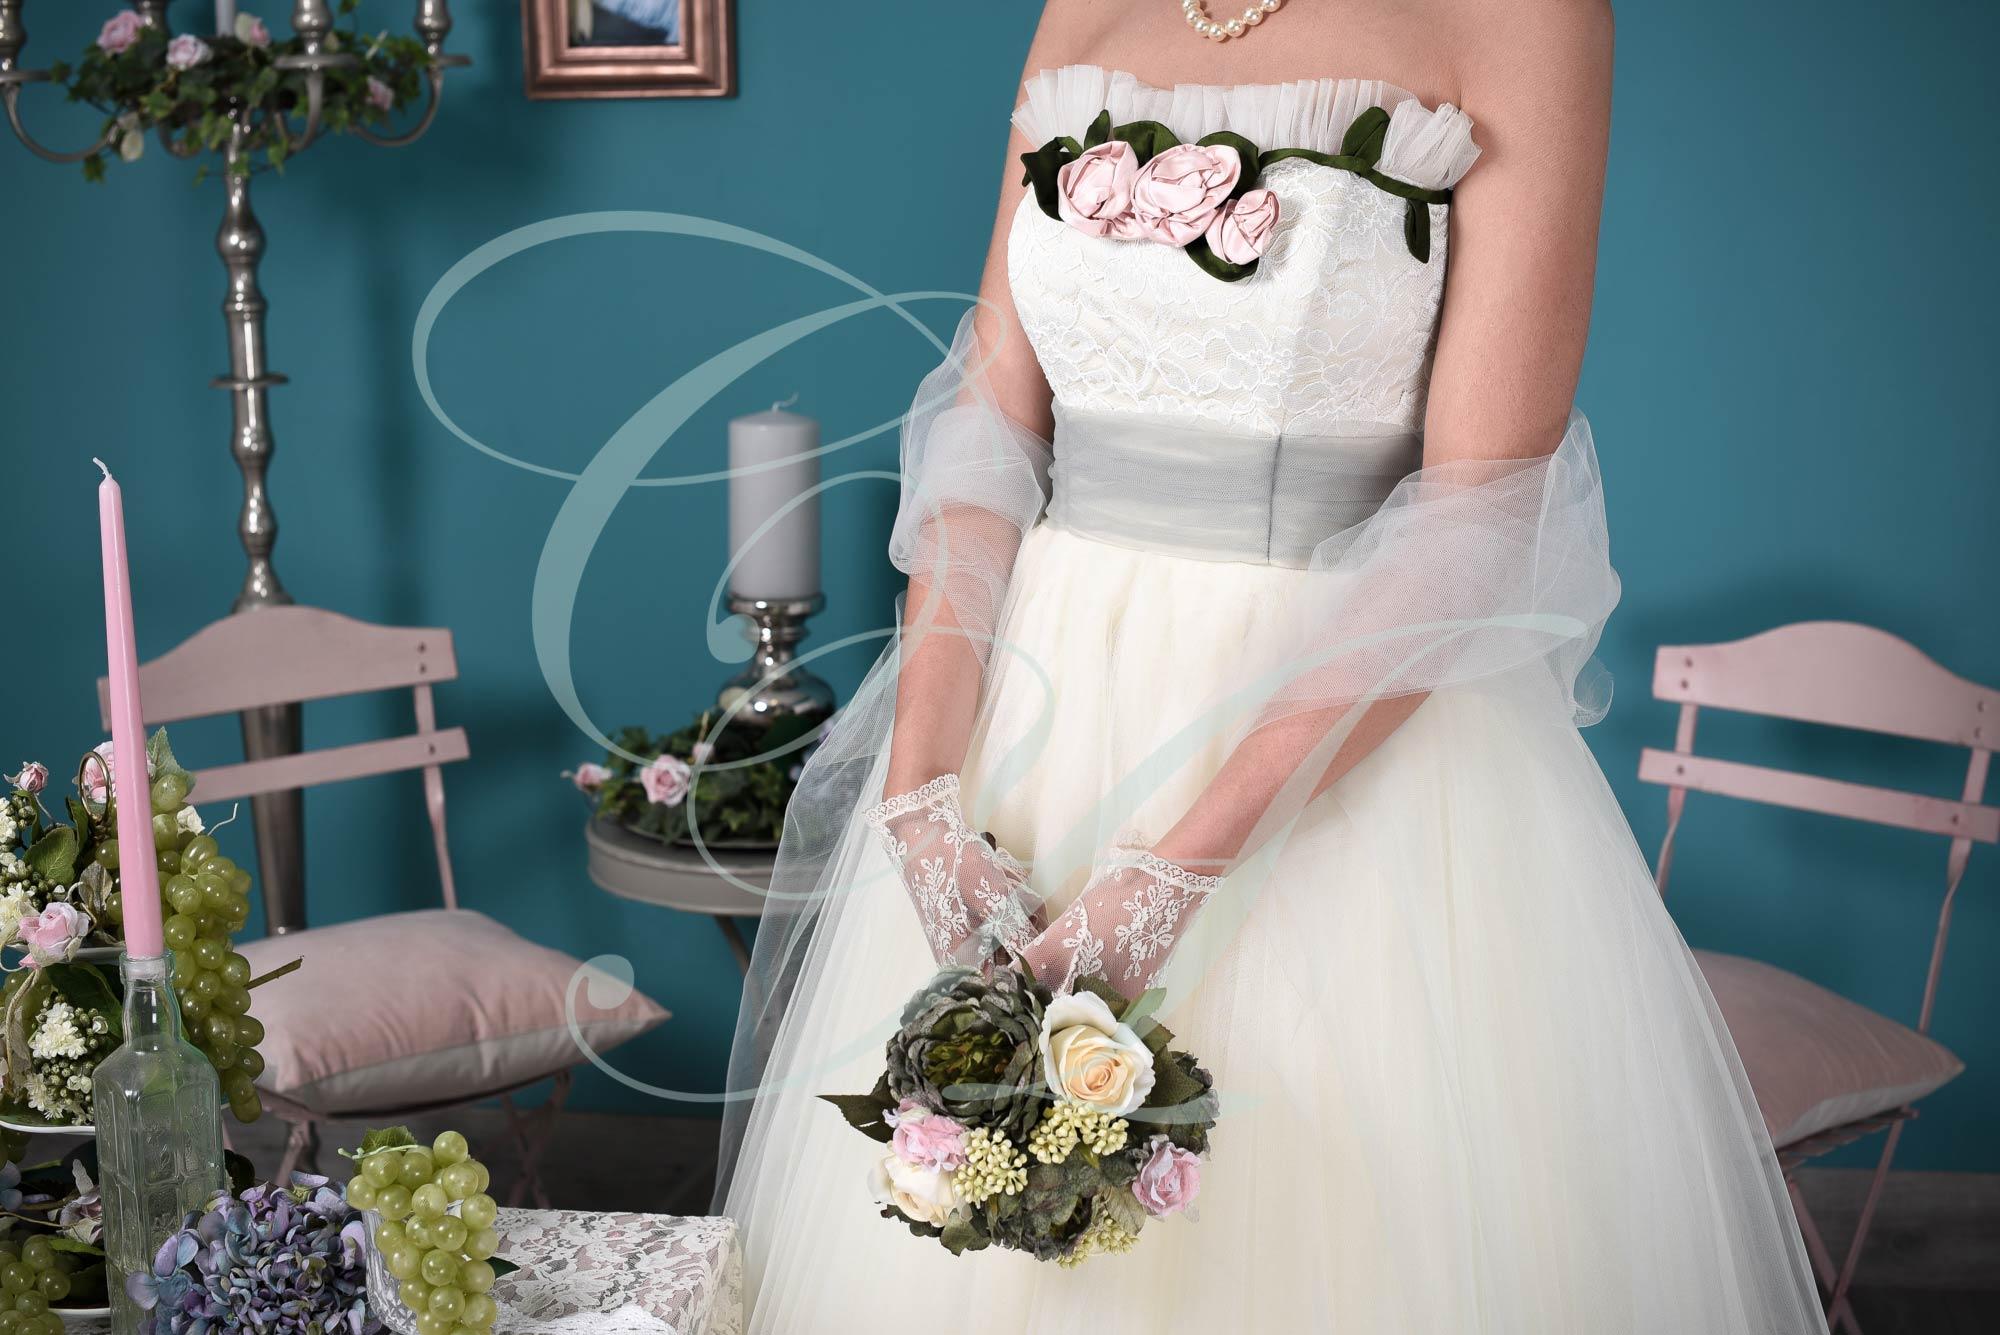 1950s & 1960s Style Wedding Dresses